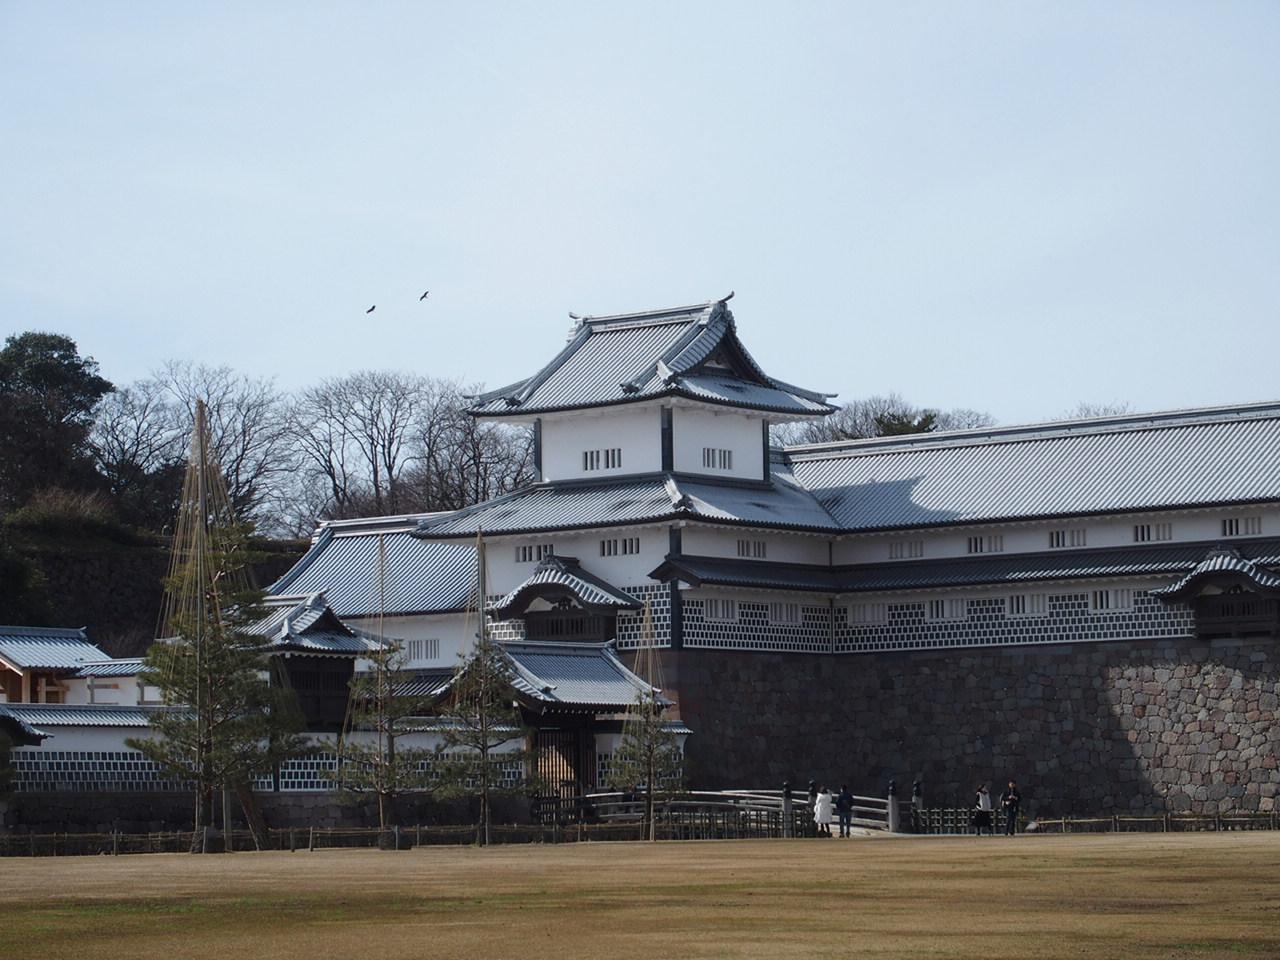 金沢の観光スポット金沢城